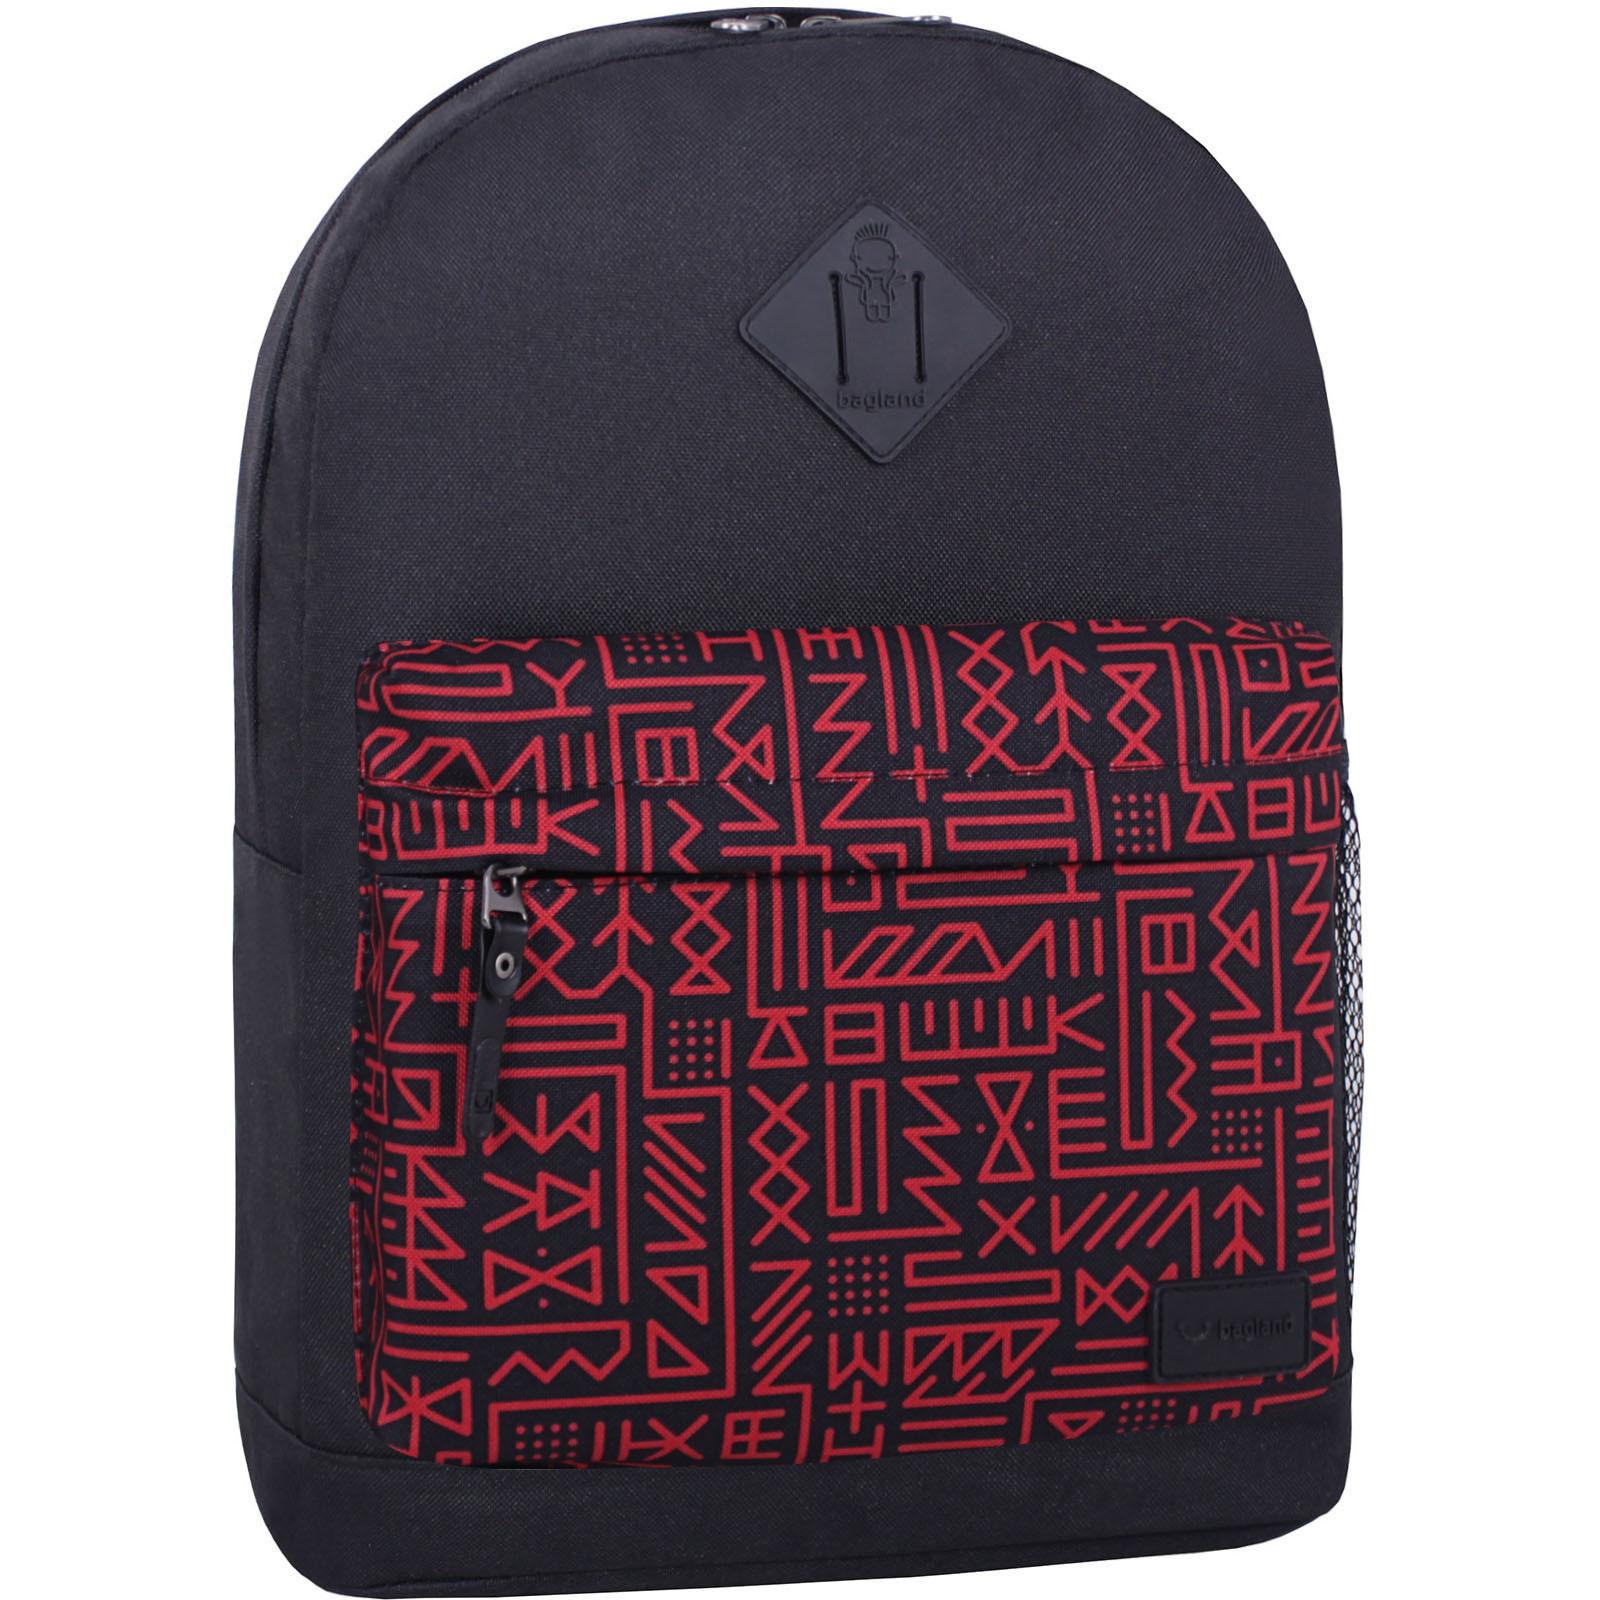 Молодежные рюкзаки Рюкзак Bagland Молодежный W/R 17 л. черный 741 (00533662) IMG_6826_суб741_-1600.jpg